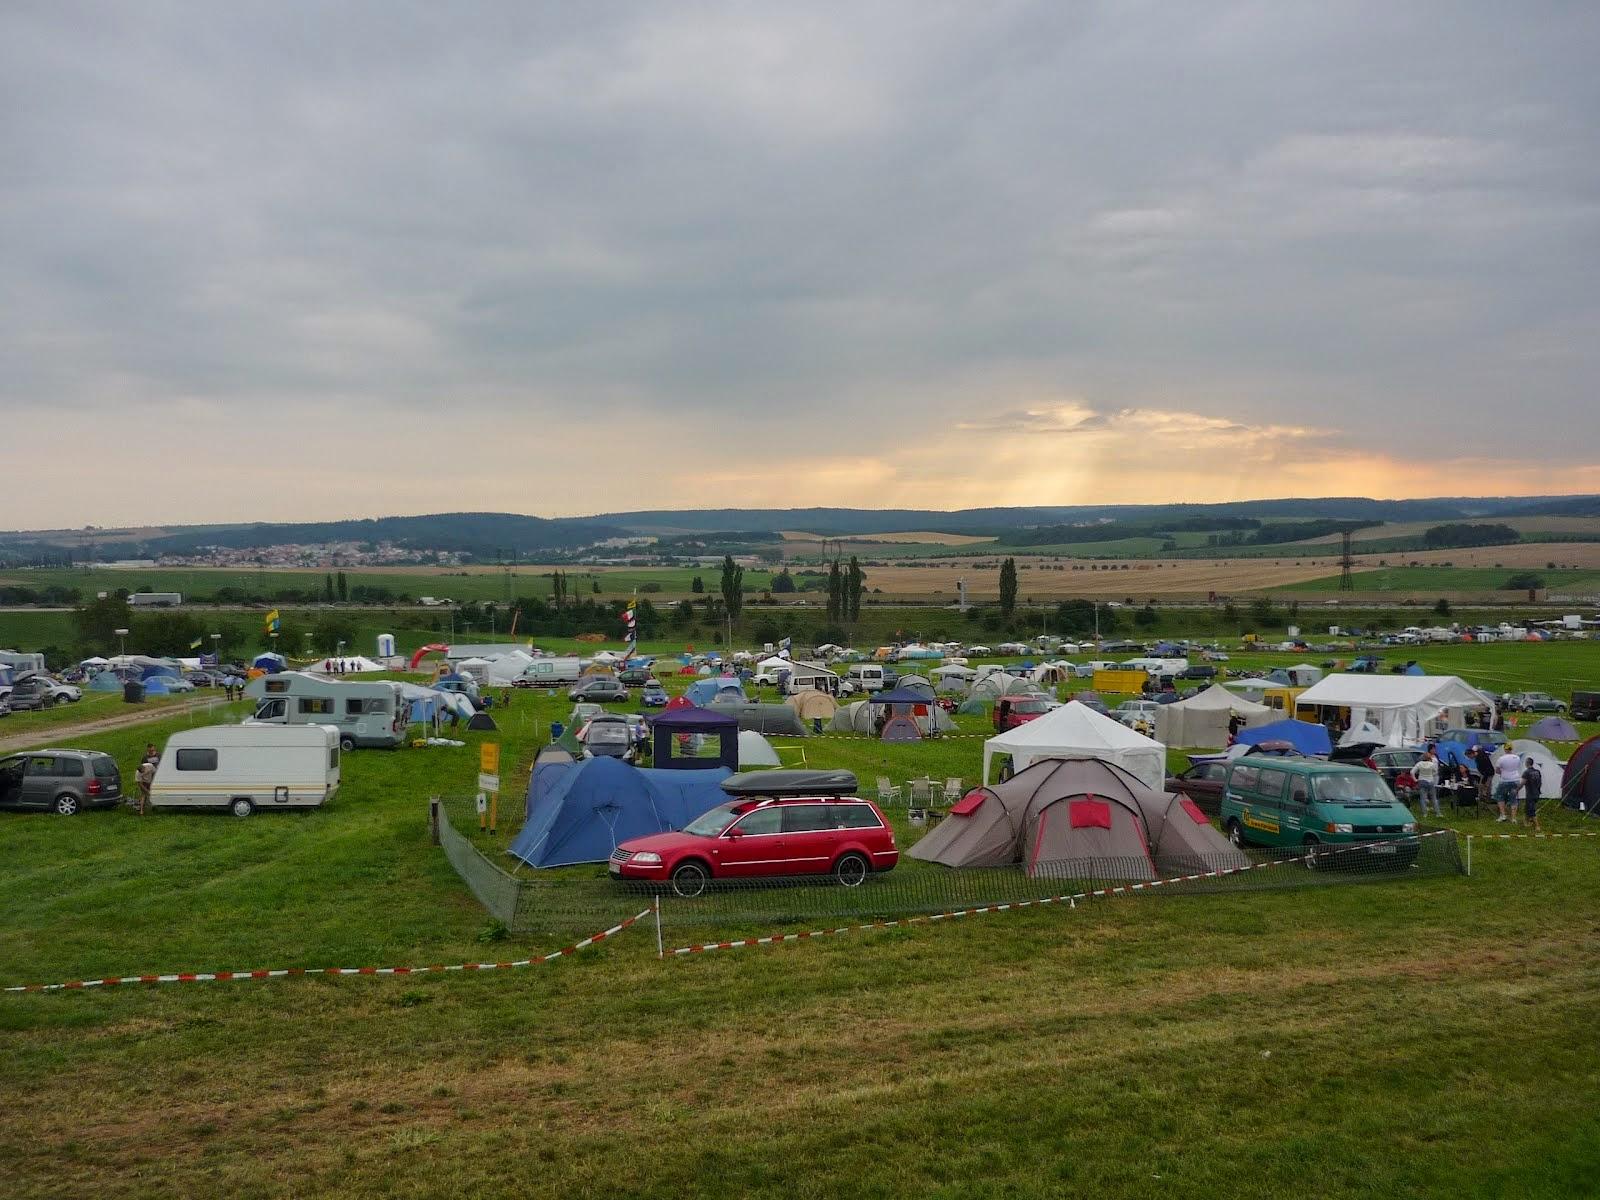 zona de acampada en el circuito de brno